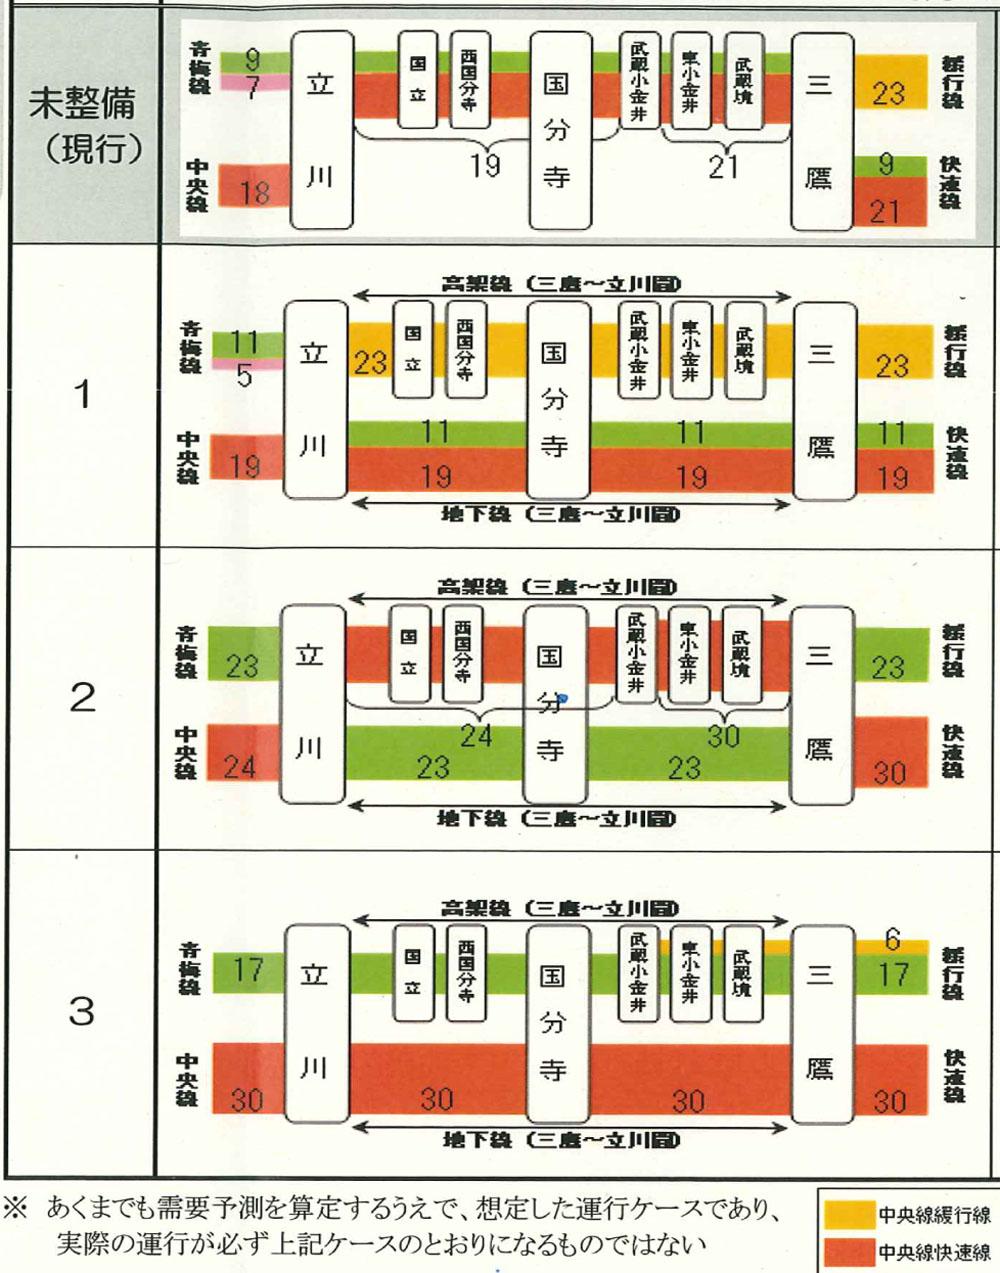 https://tech.nikkeibp.co.jp/kn/article/knp/column/20091105/536720/05.jpg